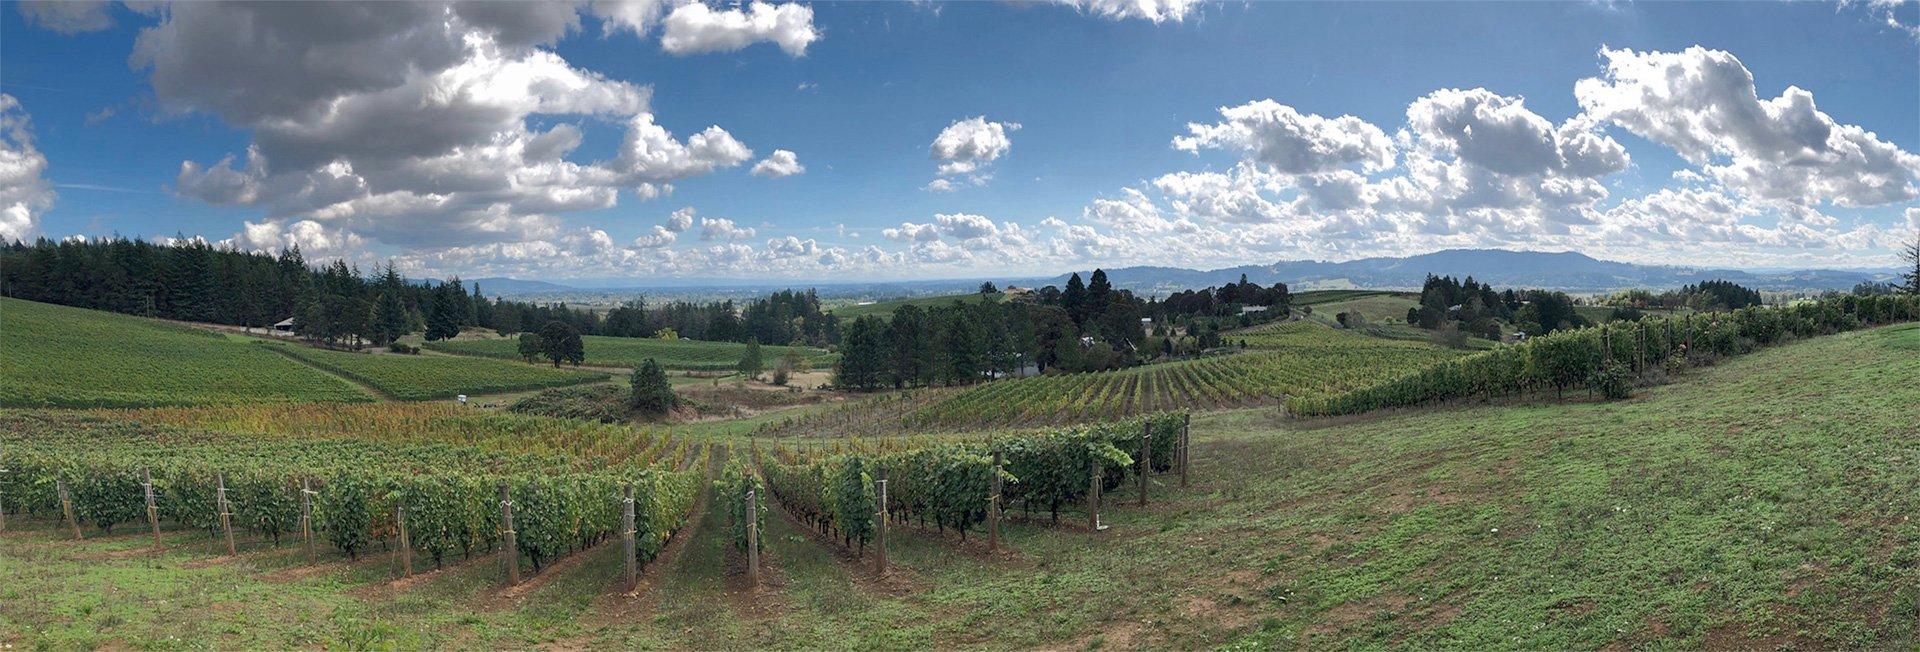 Willamette Valley Vista